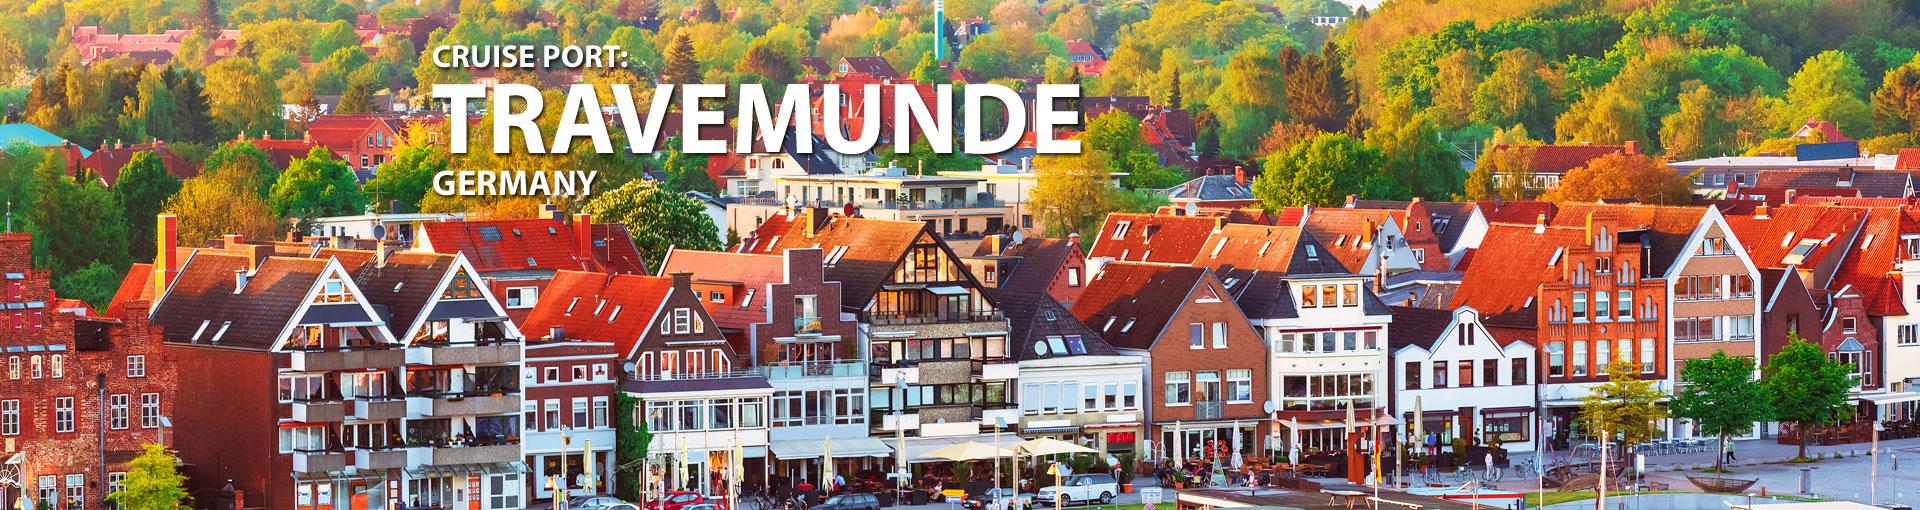 Cruises to Travemunde, Germany